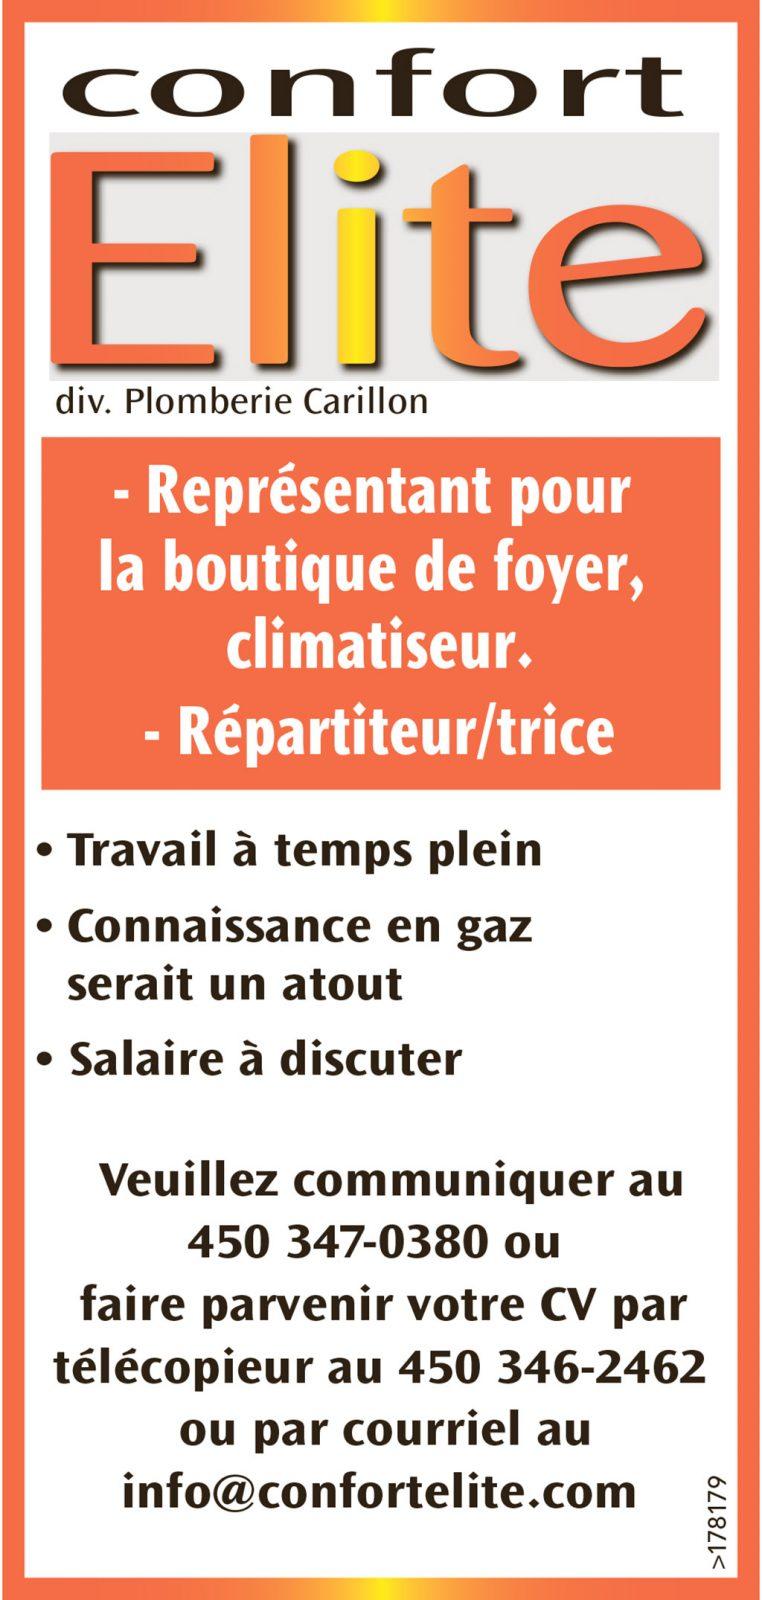 – Représentant pour la boutique de foyer, climatiseur. – Répartiteur/trice